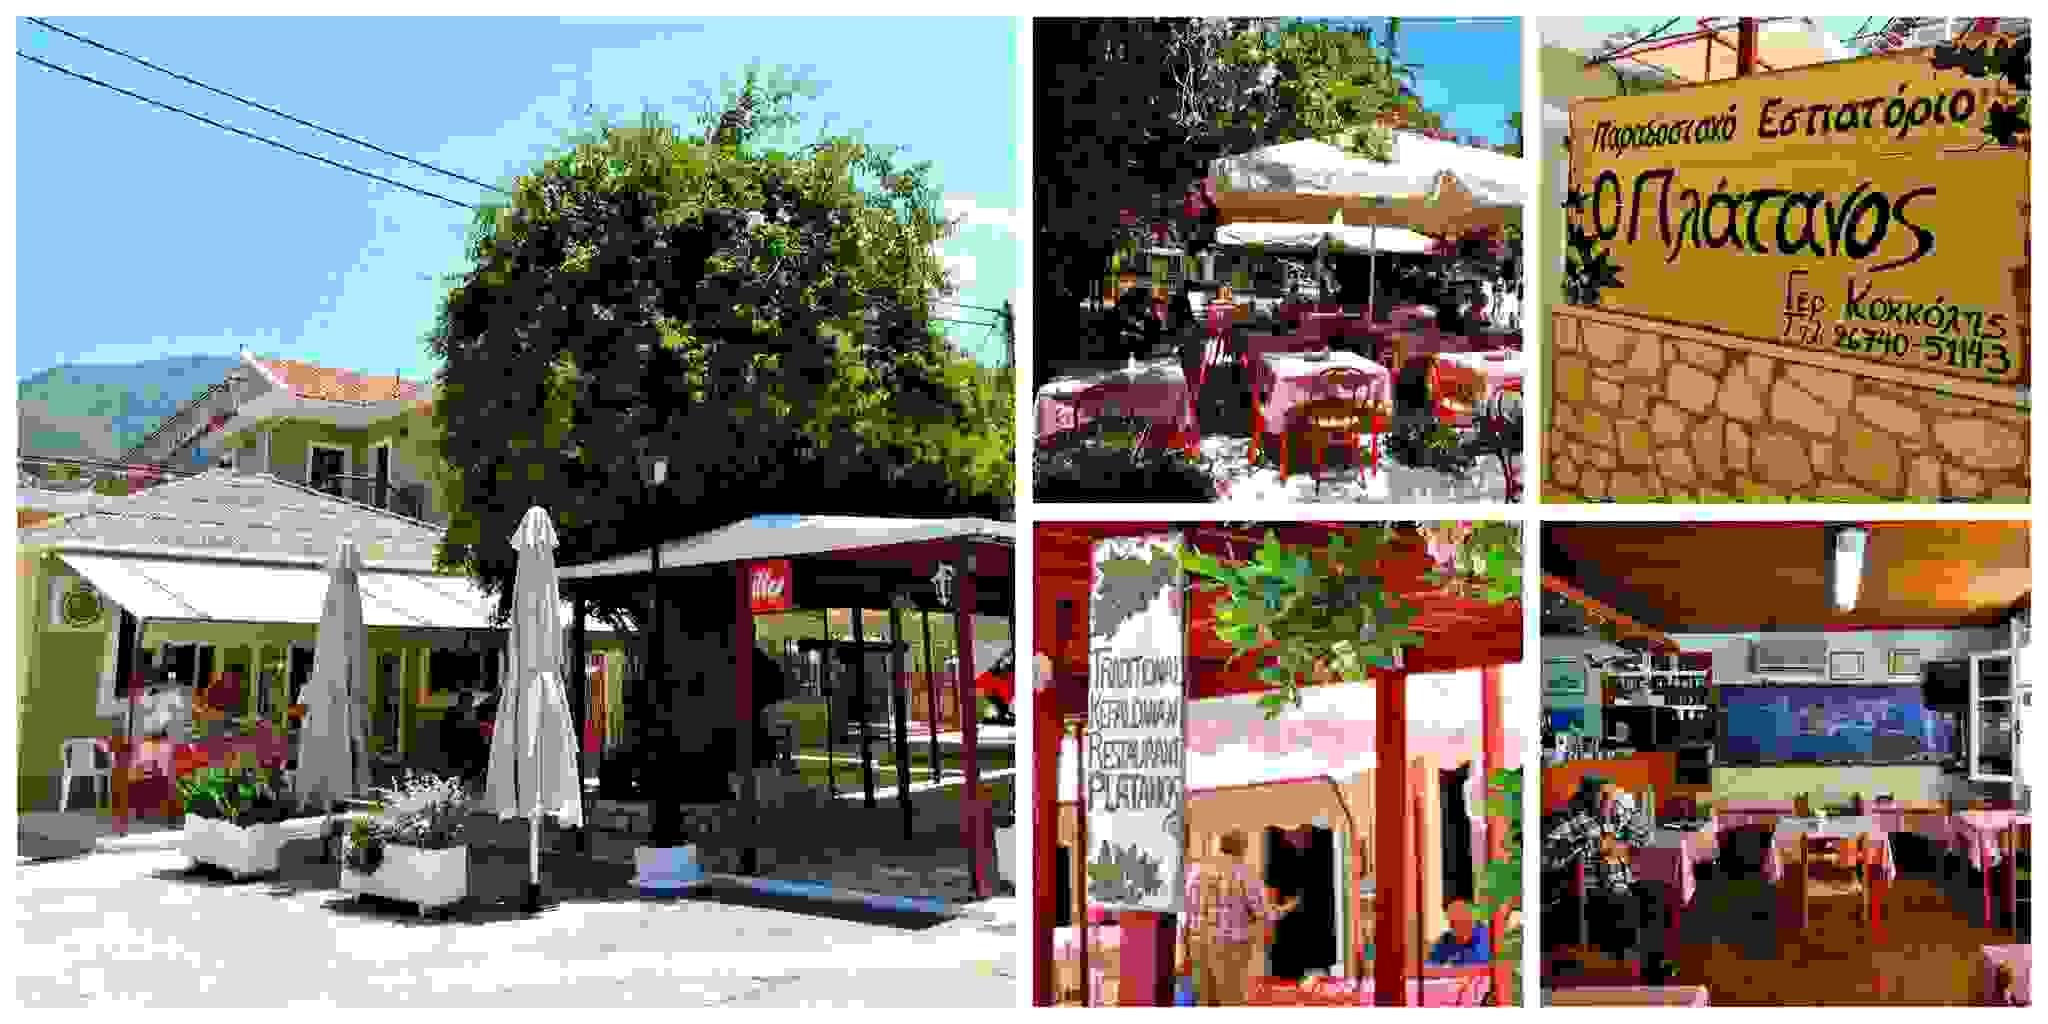 Το παραδοσιακό εστιατόριο «Ο ΠΛΑΤΑΝΟΣ», στην Άσσο Γράφει η Αναστασία Κανάκη